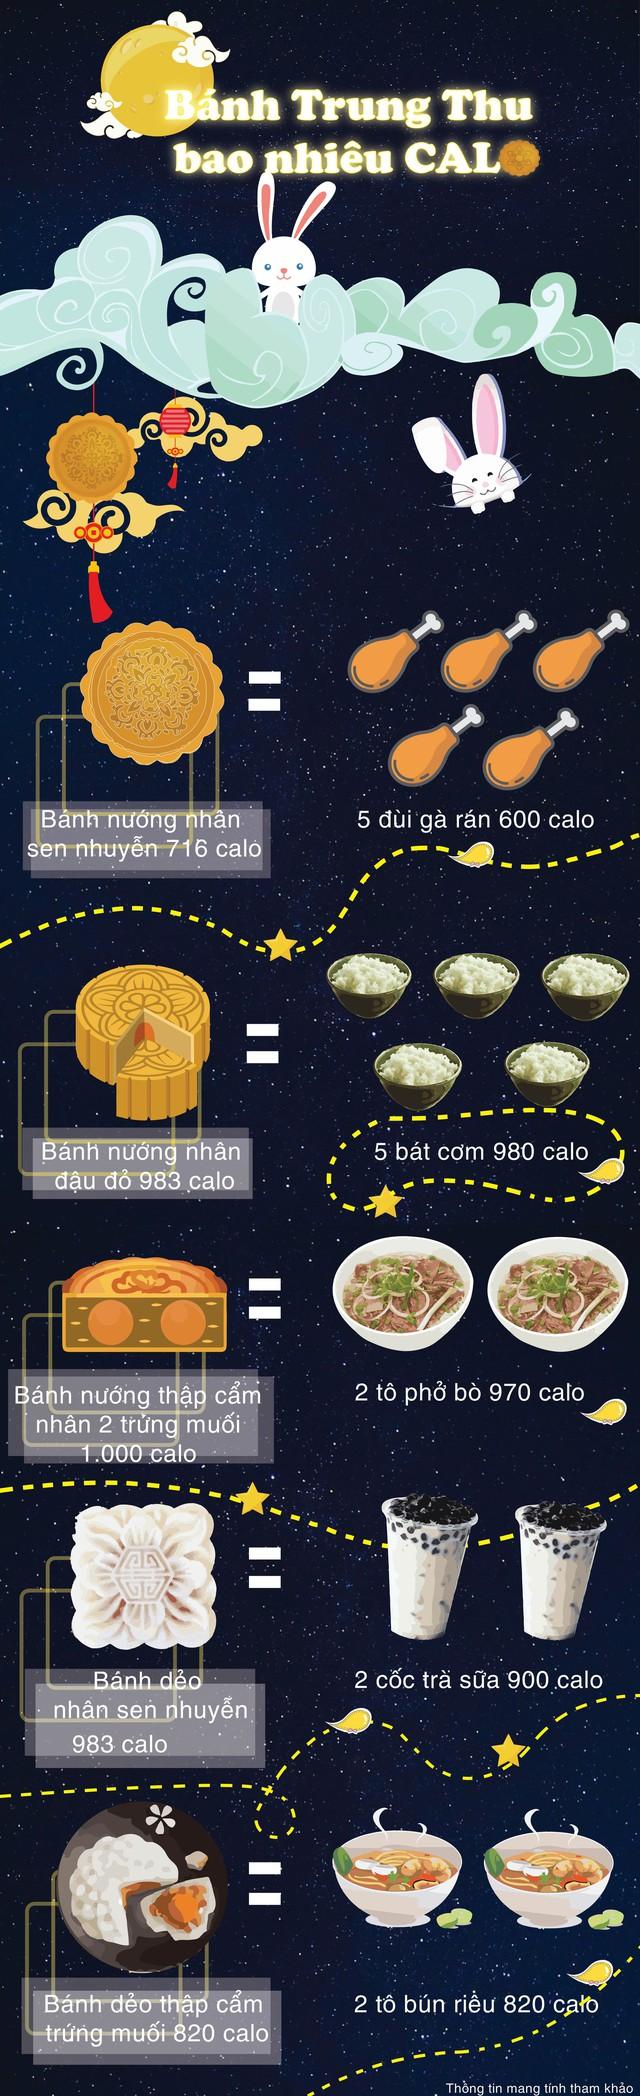 [Infographic] Bánh Trung thu chứa bao nhiêu calo? - Ảnh 1.